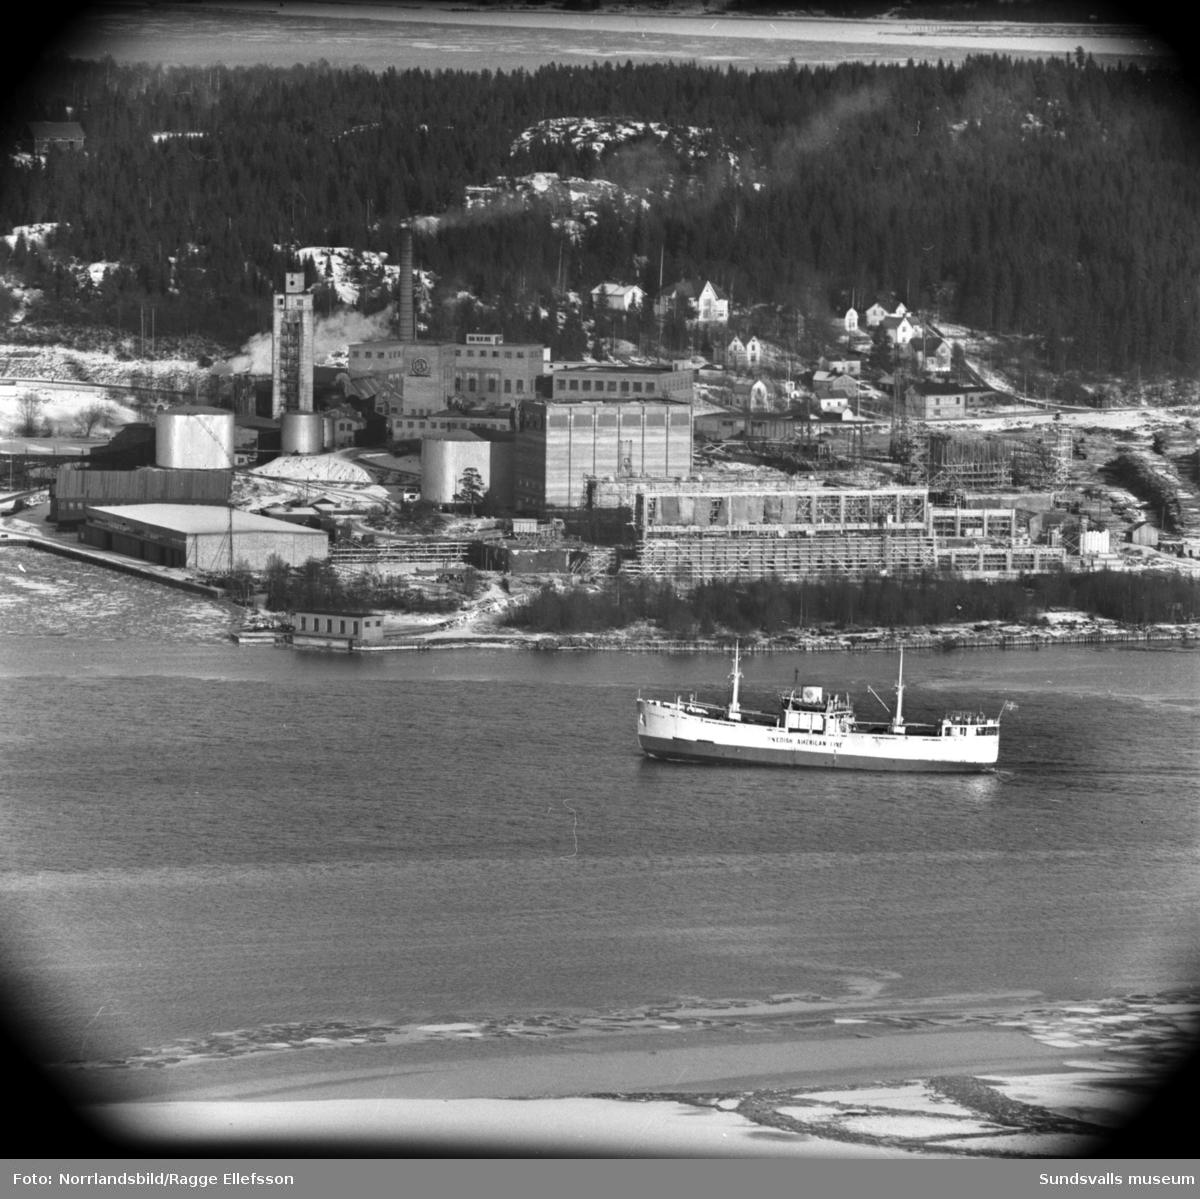 Ortvikens massafabrik fotograferad från Södra berget. I bildens överkant syns Alnö.